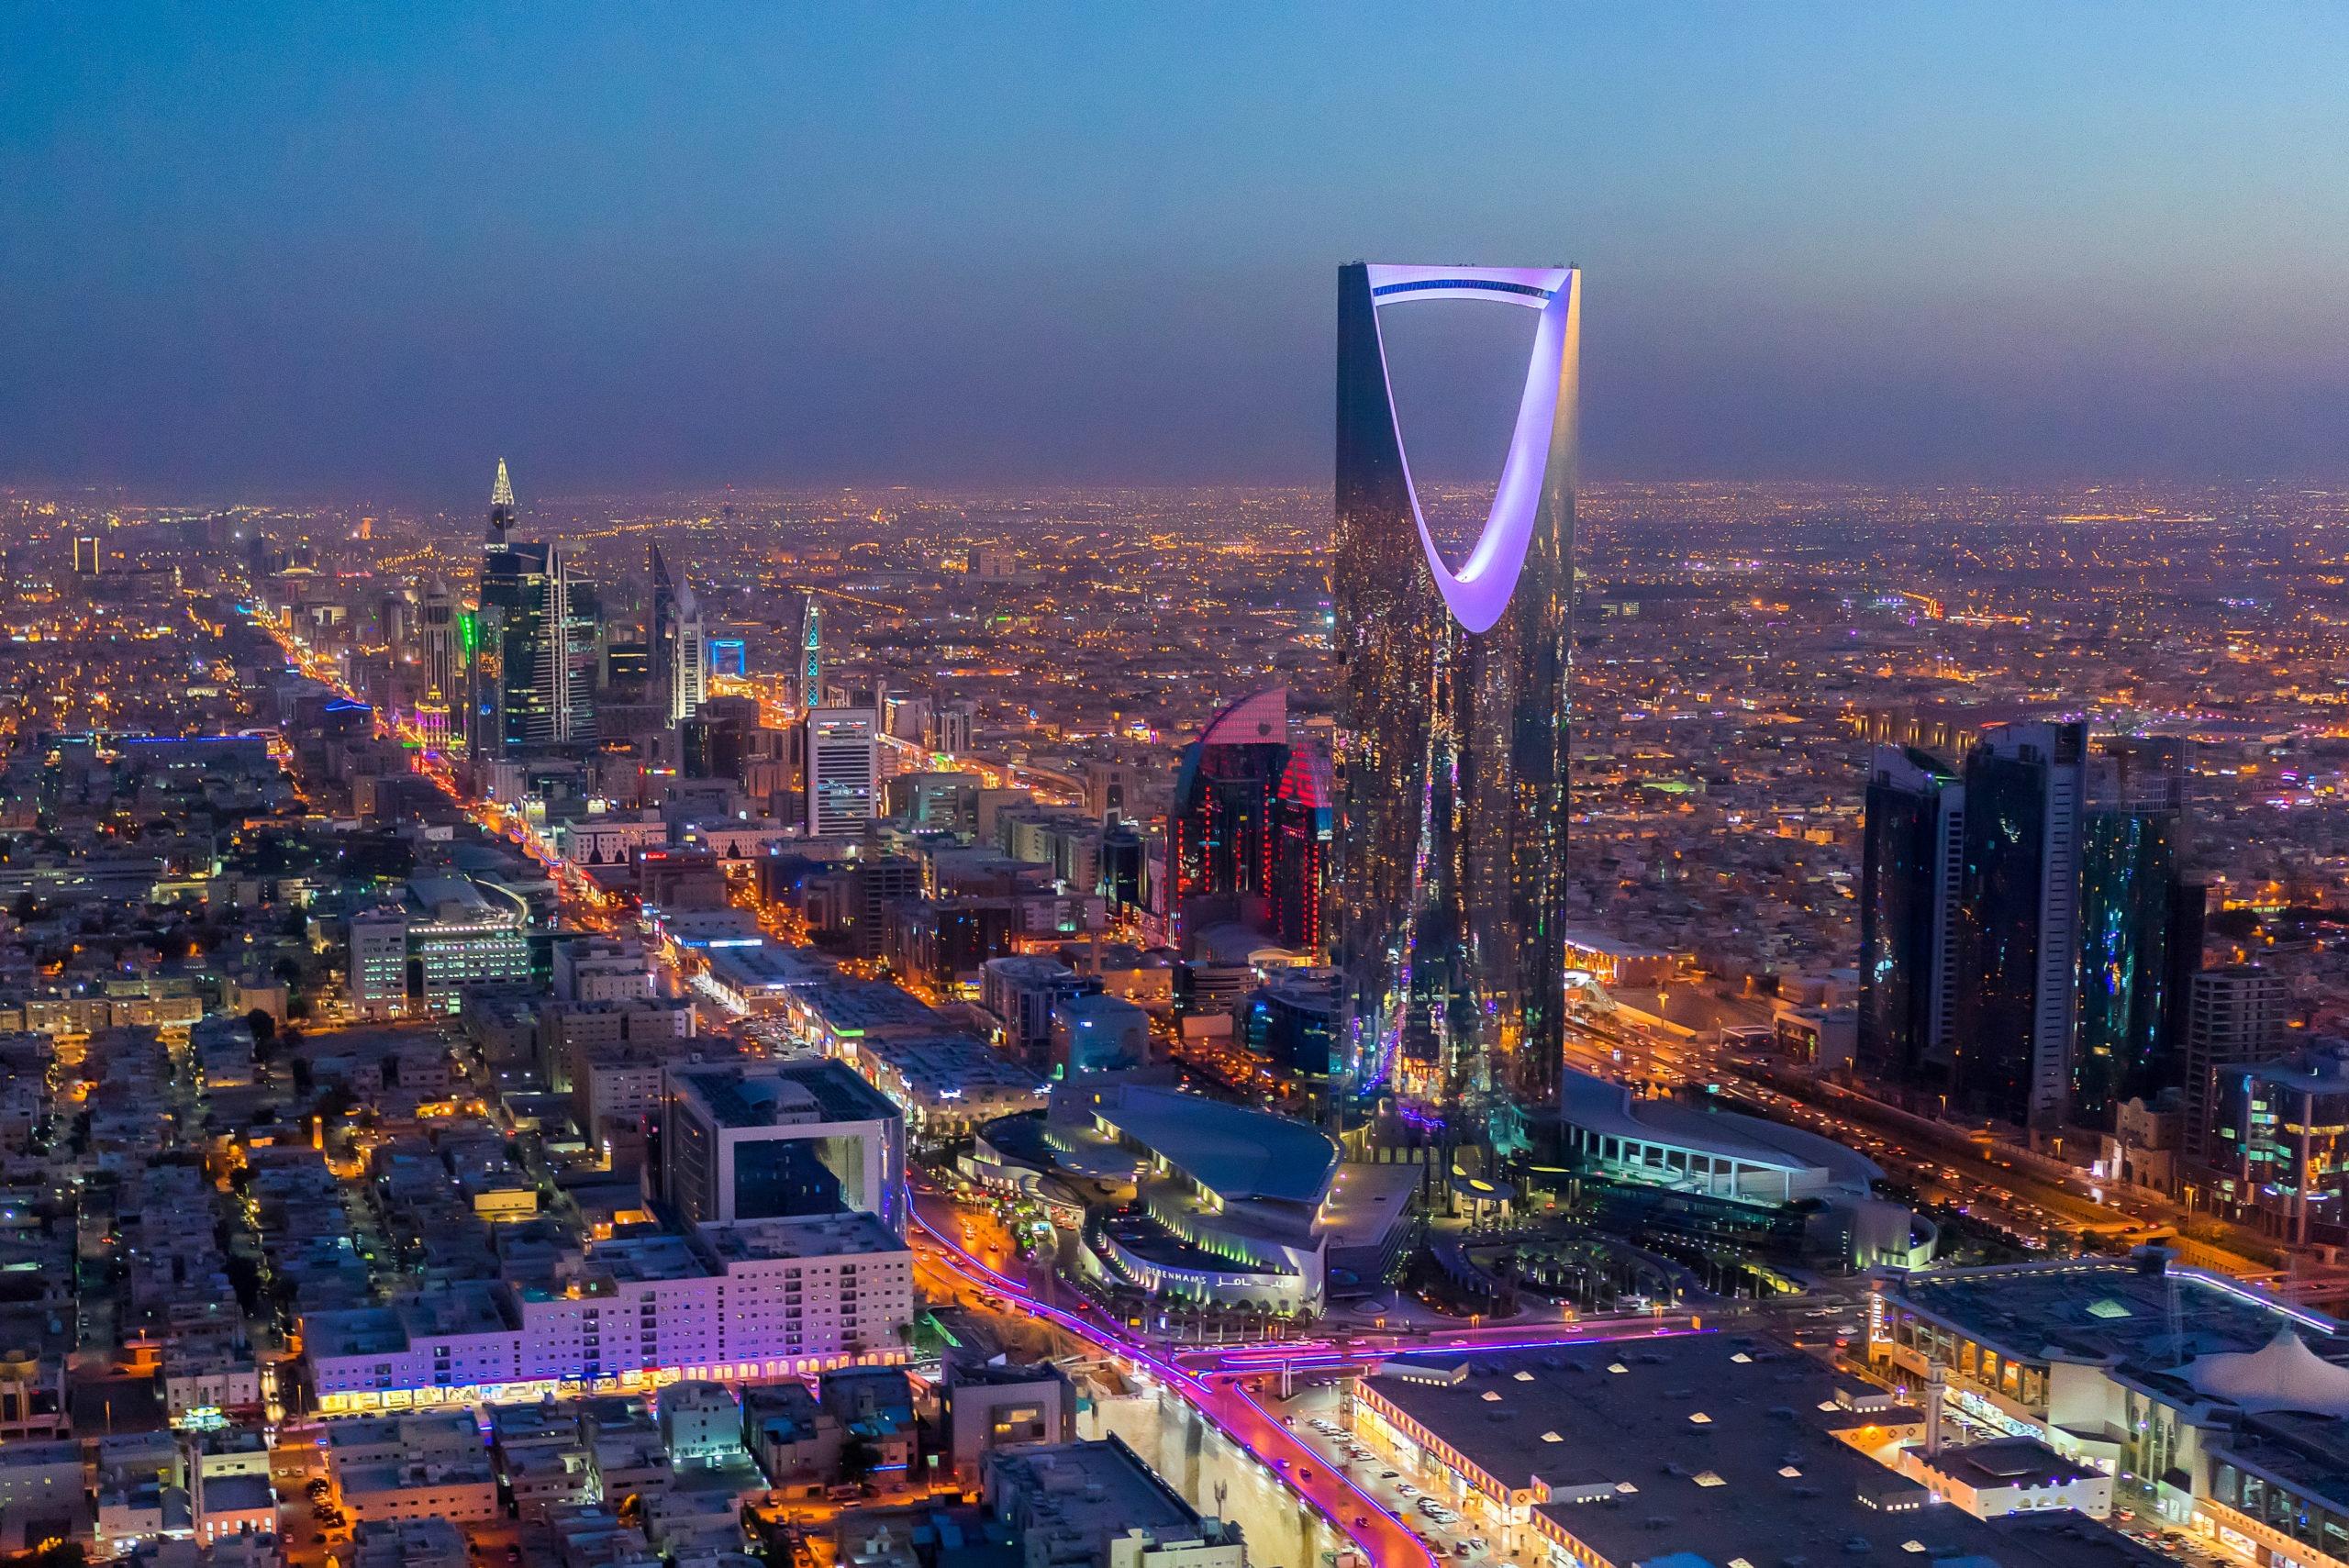 Những điểm du lịch hấp dẫn ở Saudi Arabia - Ảnh 1.